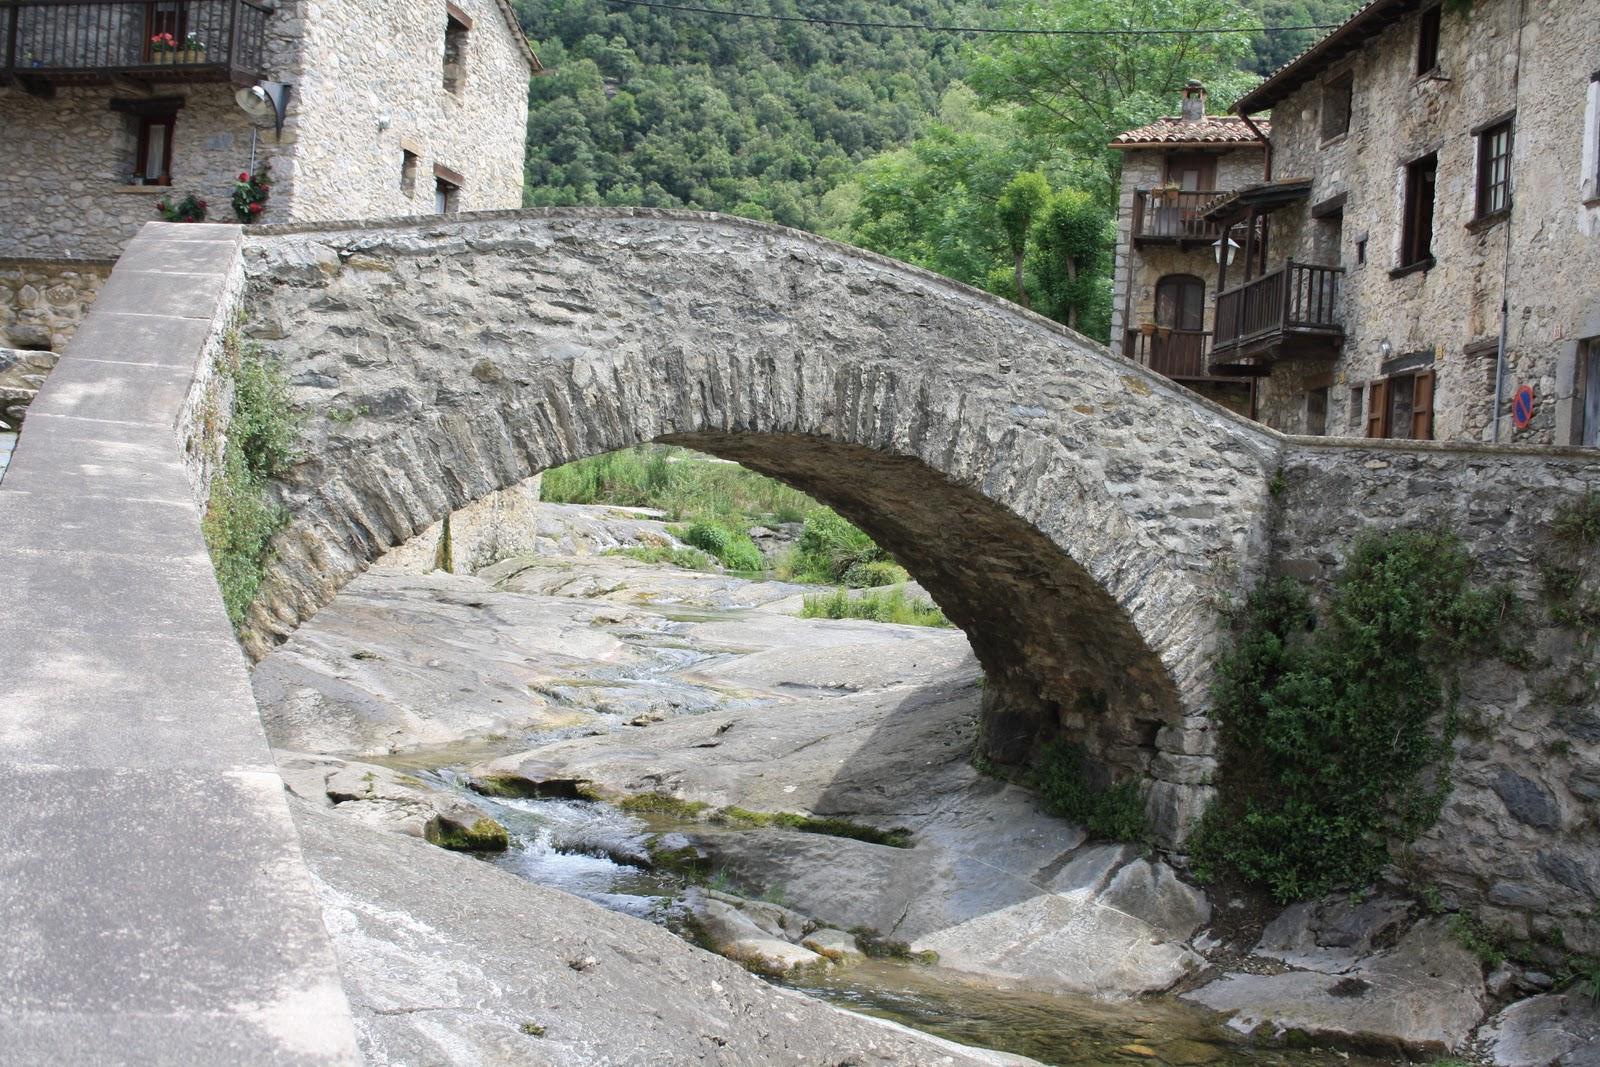 Pueblos y lugares con encanto beget girona - Lugares con encanto ...